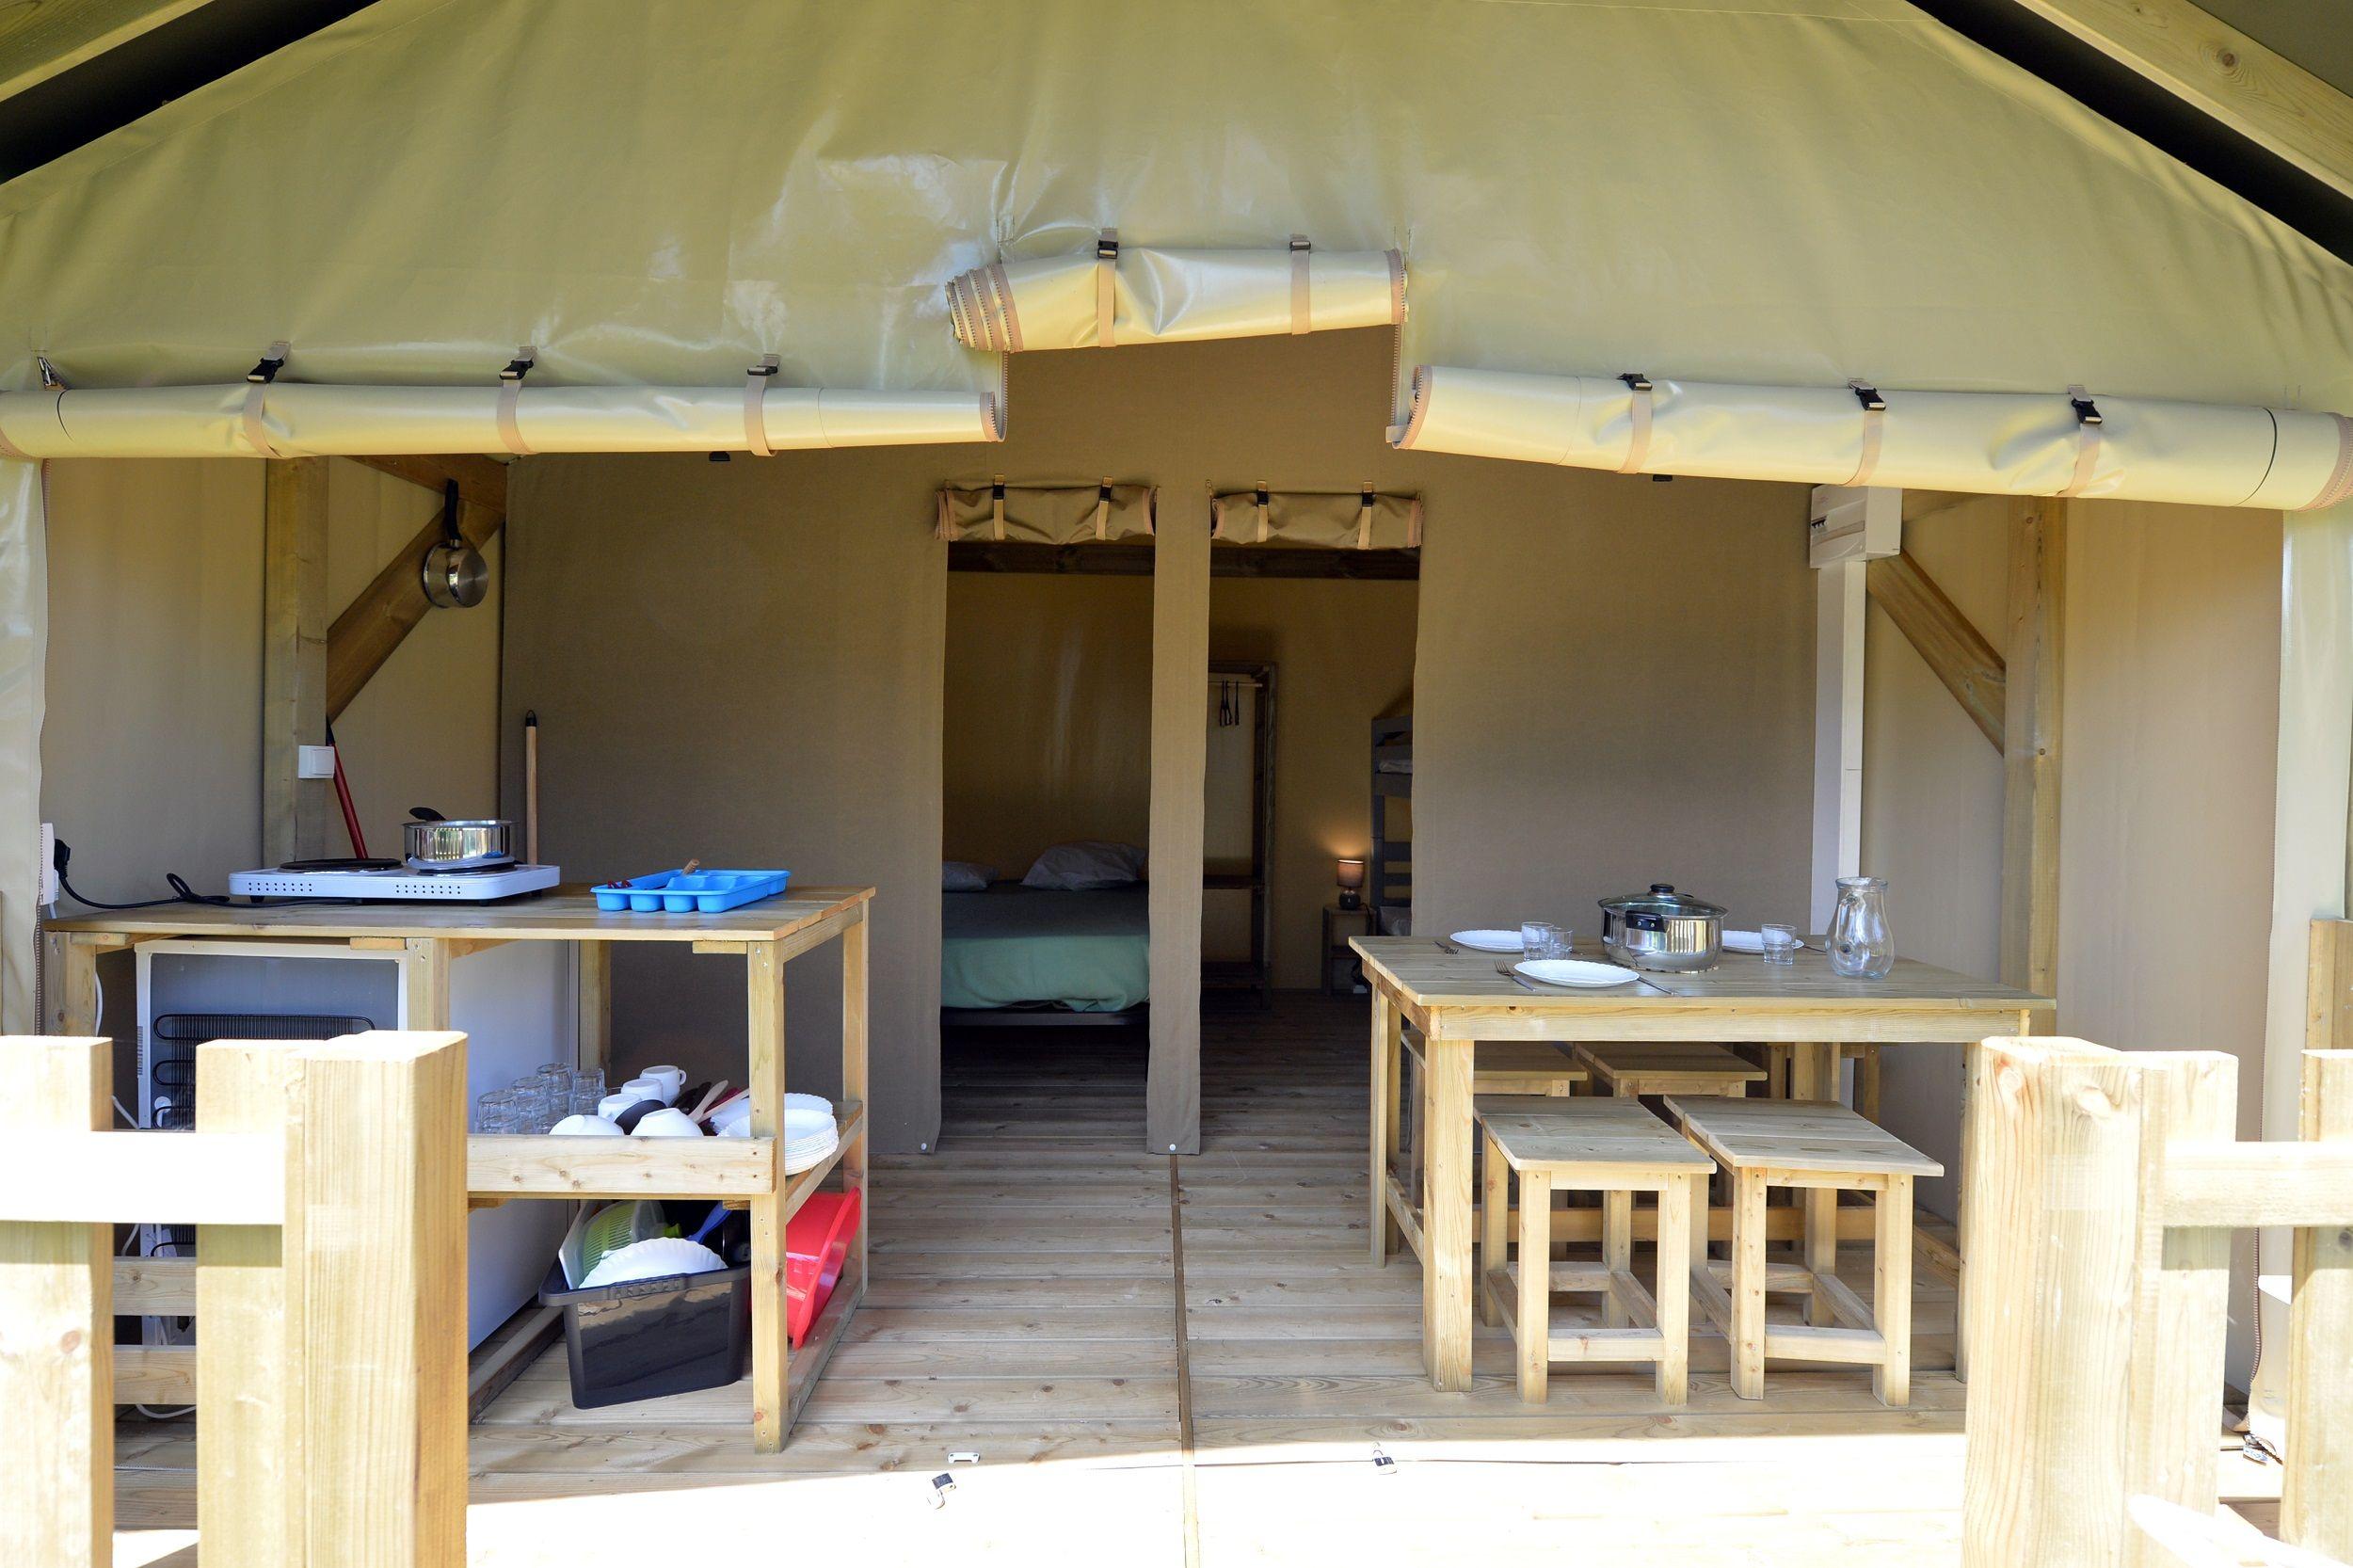 la-tente-cambodgia | Camping le Tindio